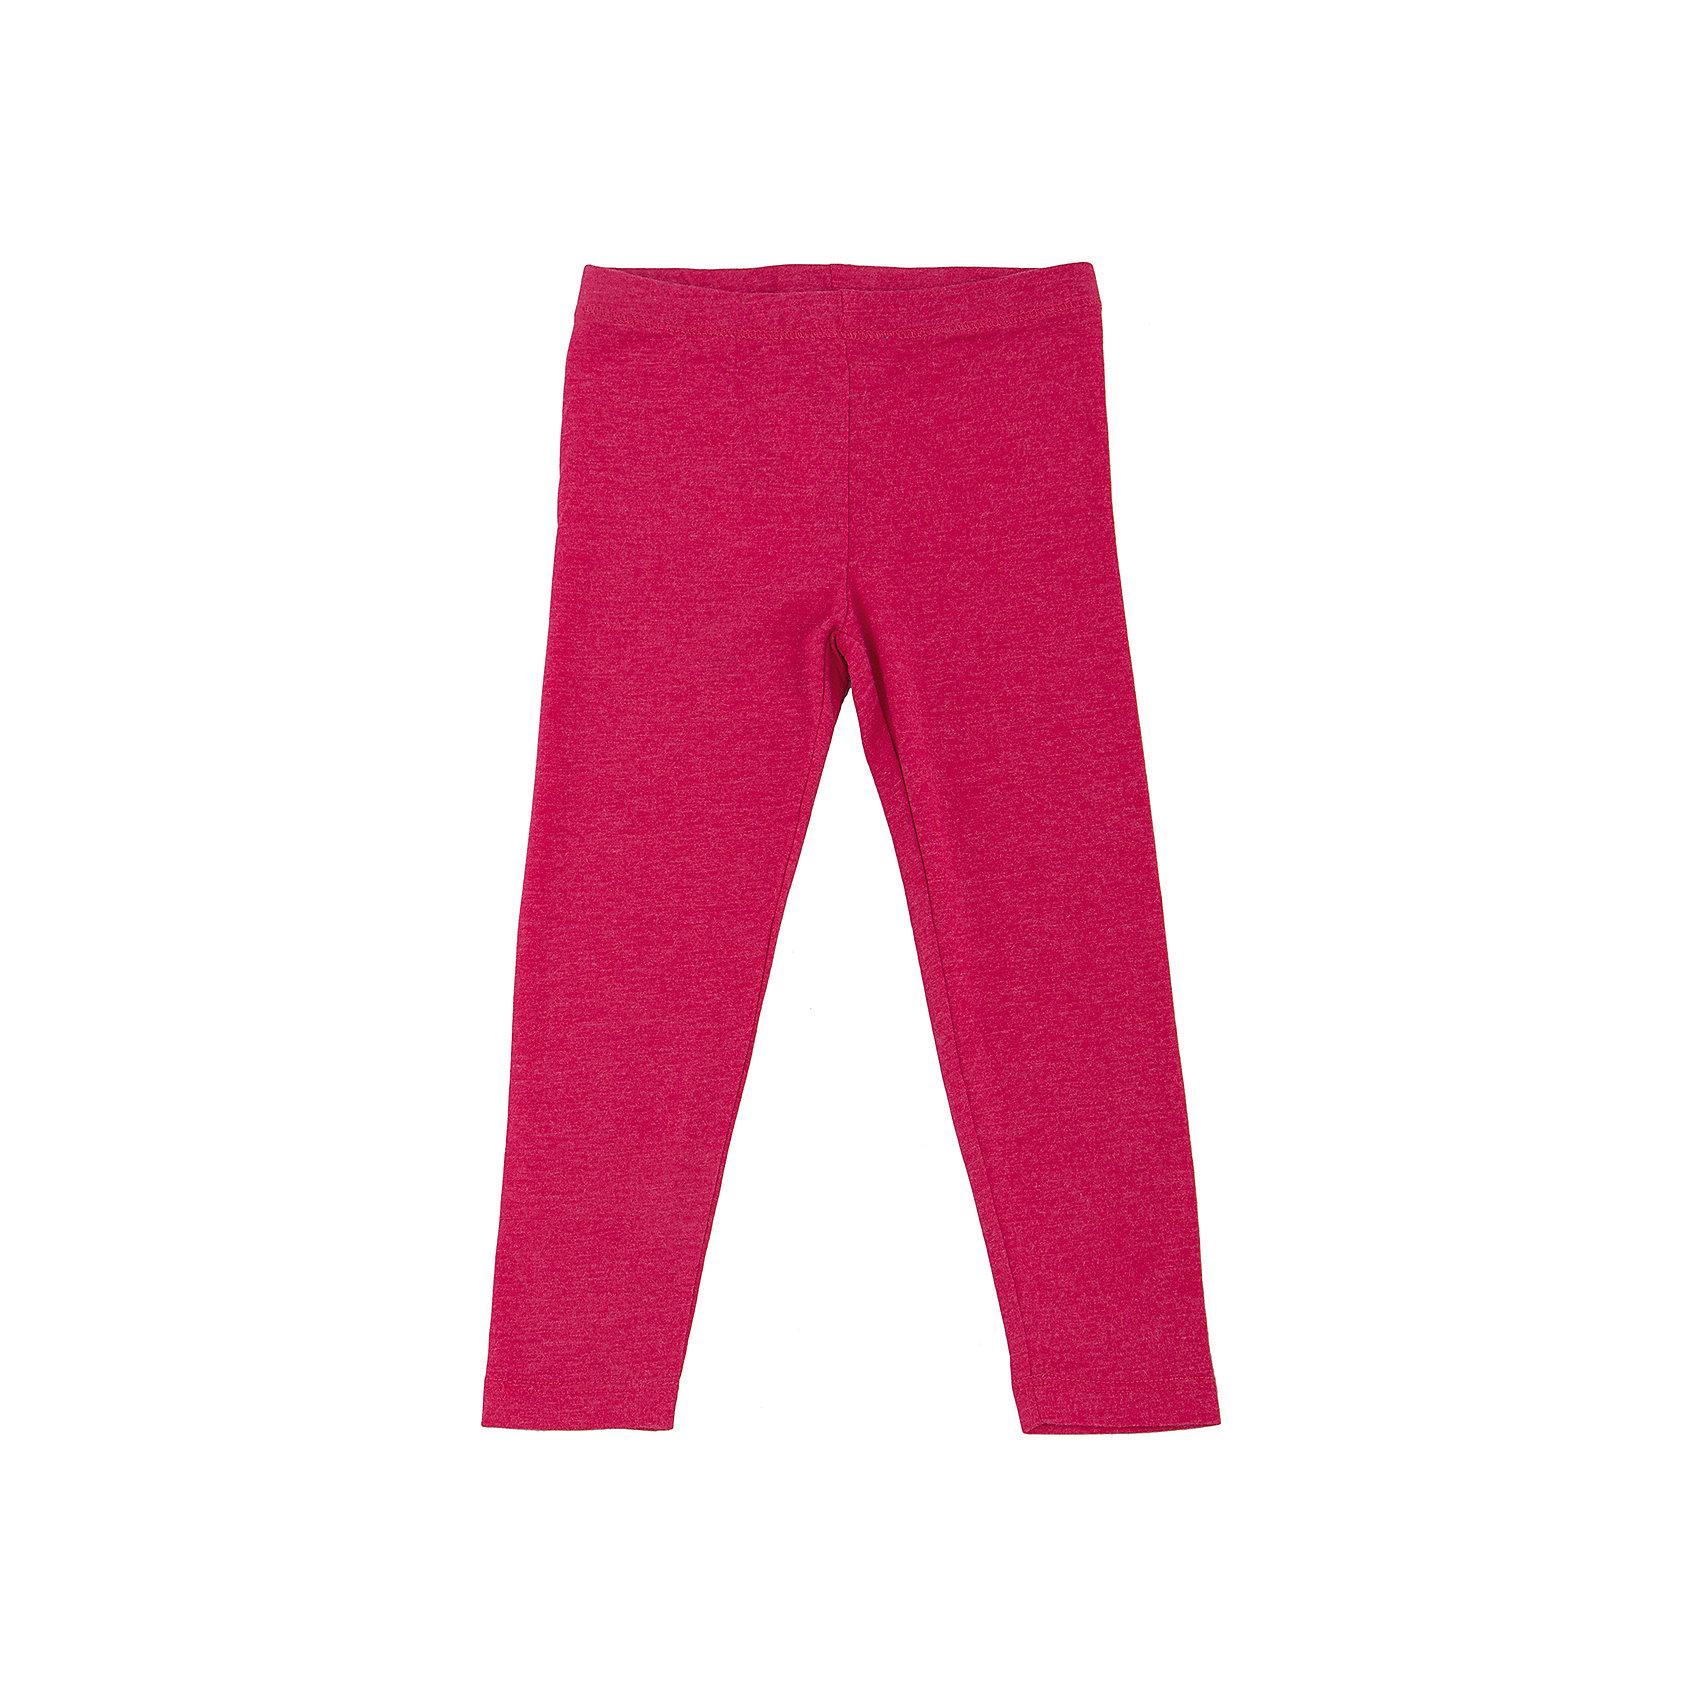 Леггинсы для девочки SELAЛеггинсы - незаменимая вещь в детском гардеробе. Эта модель отлично сидит на ребенке, она сшита из приятного на ощупь материала, натуральный хлопок не вызывает аллергии и обеспечивает ребенку комфорт. Модель станет отличной базовой вещью, которая будет уместна в различных сочетаниях.<br>Одежда от бренда Sela (Села) - это качество по приемлемым ценам. Многие российские родители уже оценили преимущества продукции этой компании и всё чаще приобретают одежду и аксессуары Sela.<br><br>Дополнительная информация:<br><br>материал: хлопок 95%, эластан 5%;<br>эластичный материал;<br>резинка на поясе.<br><br>Леггинсы для девочки от бренда Sela можно купить в нашем интернет-магазине.<br><br>Ширина мм: 215<br>Глубина мм: 88<br>Высота мм: 191<br>Вес г: 336<br>Цвет: красный<br>Возраст от месяцев: 18<br>Возраст до месяцев: 24<br>Пол: Женский<br>Возраст: Детский<br>Размер: 92,116,110,104,98<br>SKU: 4944055